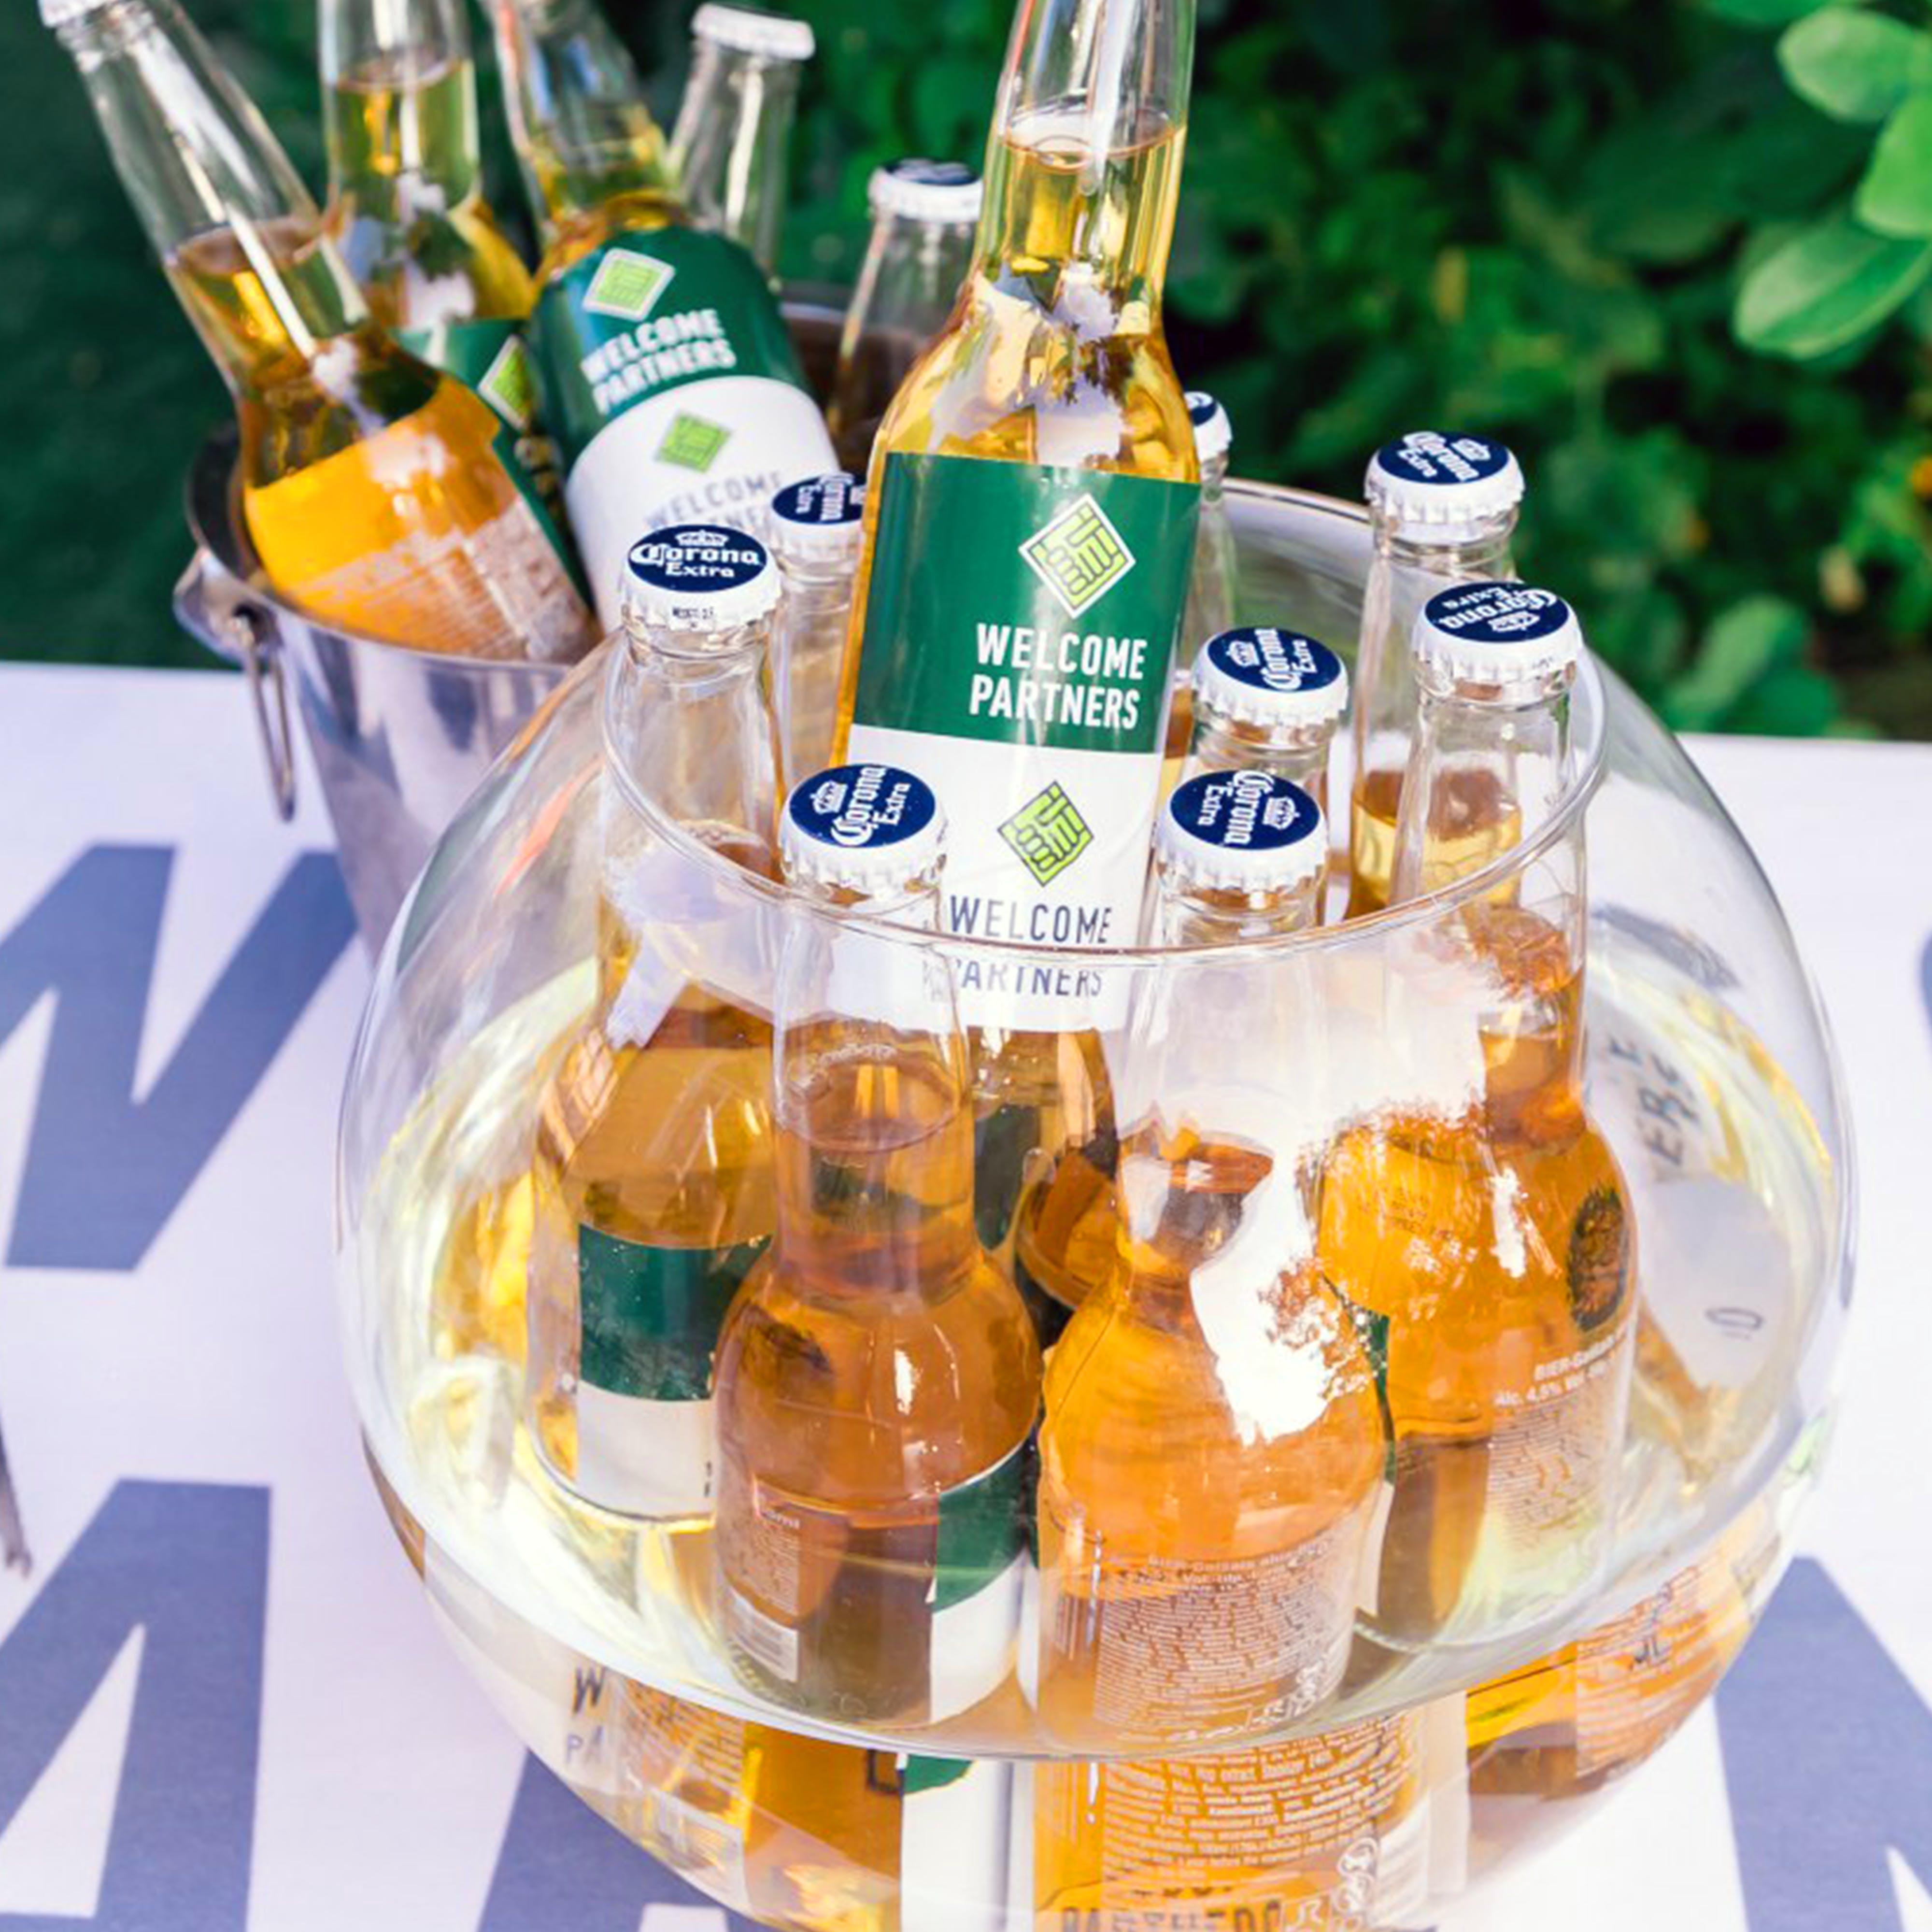 Foto d'estoc gratuïta de aigua, ampolles, ampolles de cervesa, begudes